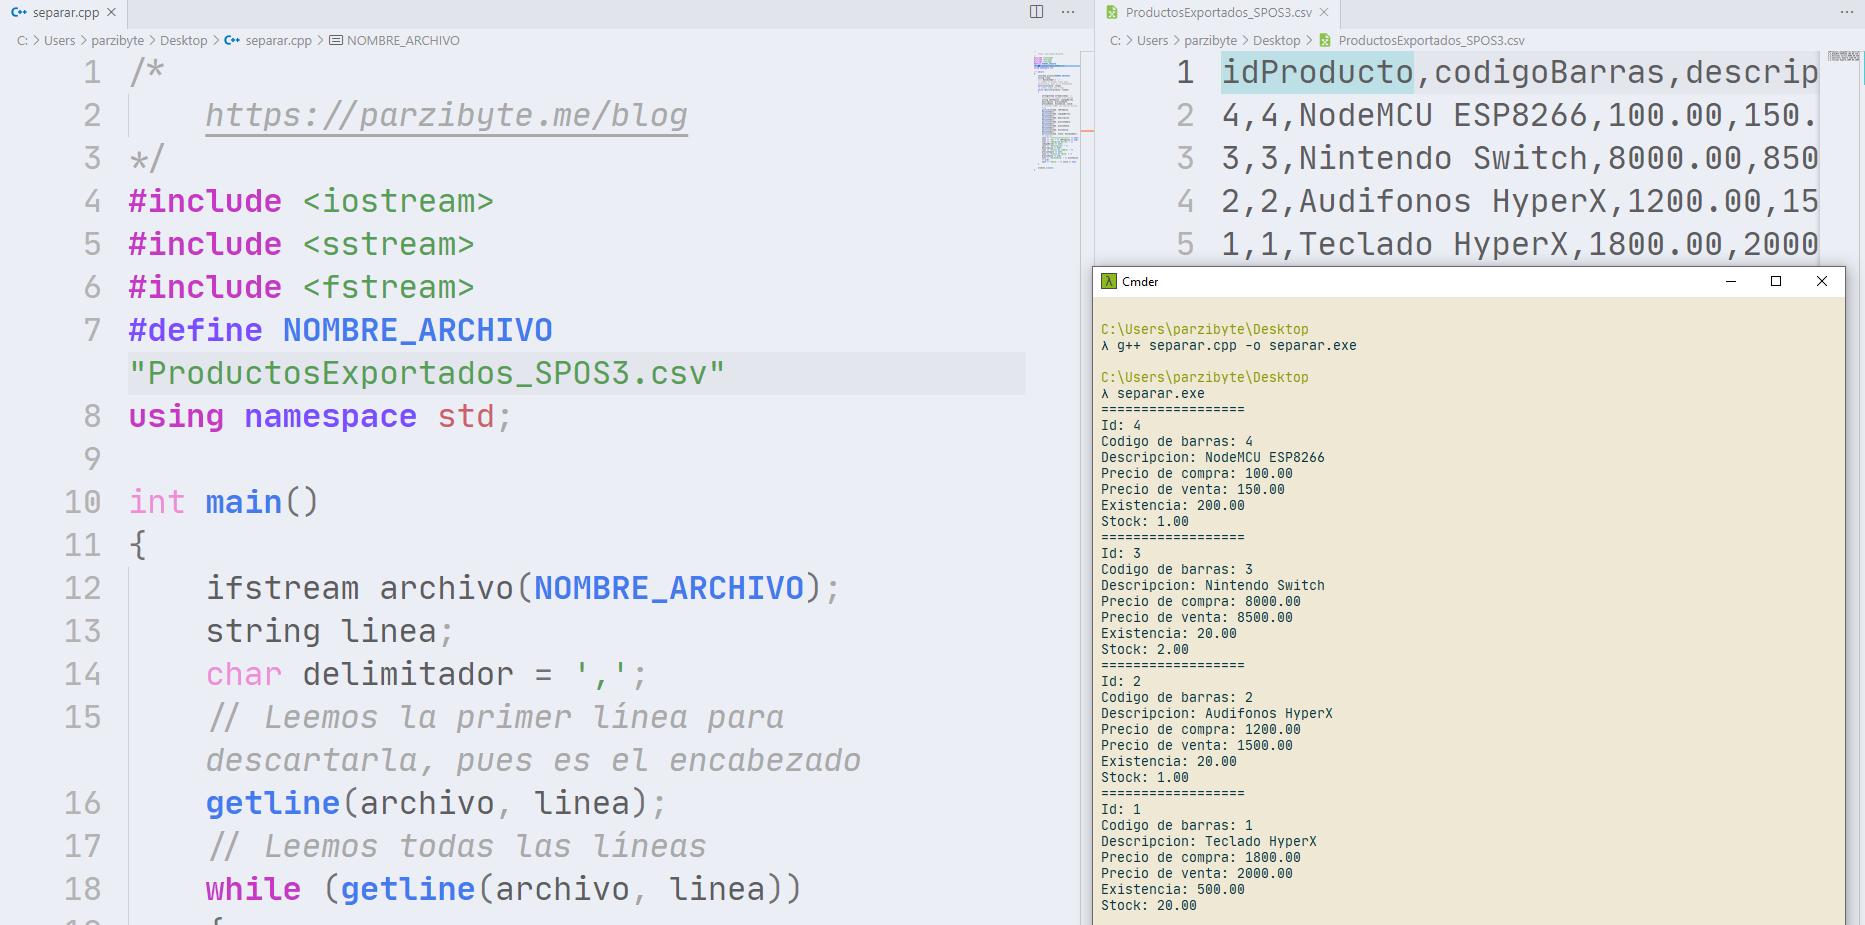 Leer y extraer valores de CSV con C++